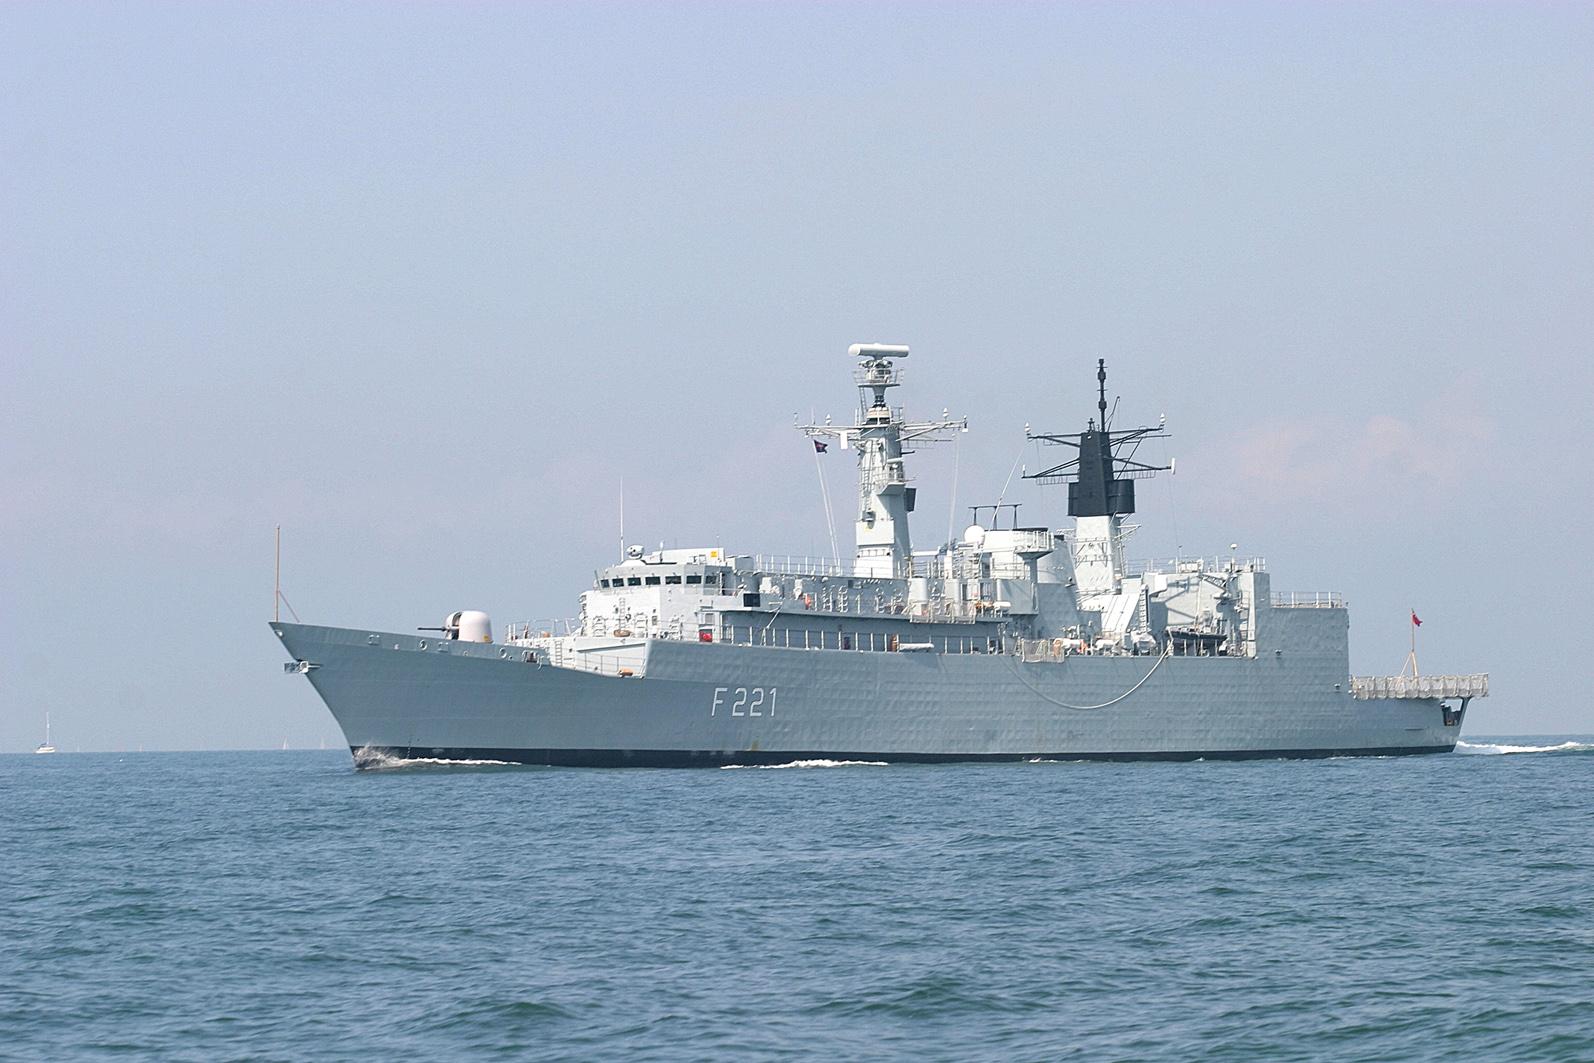 Великобритания потребовала обеспечить постоянное присутствие сил НАТО в Черном море - Цензор.НЕТ 4478